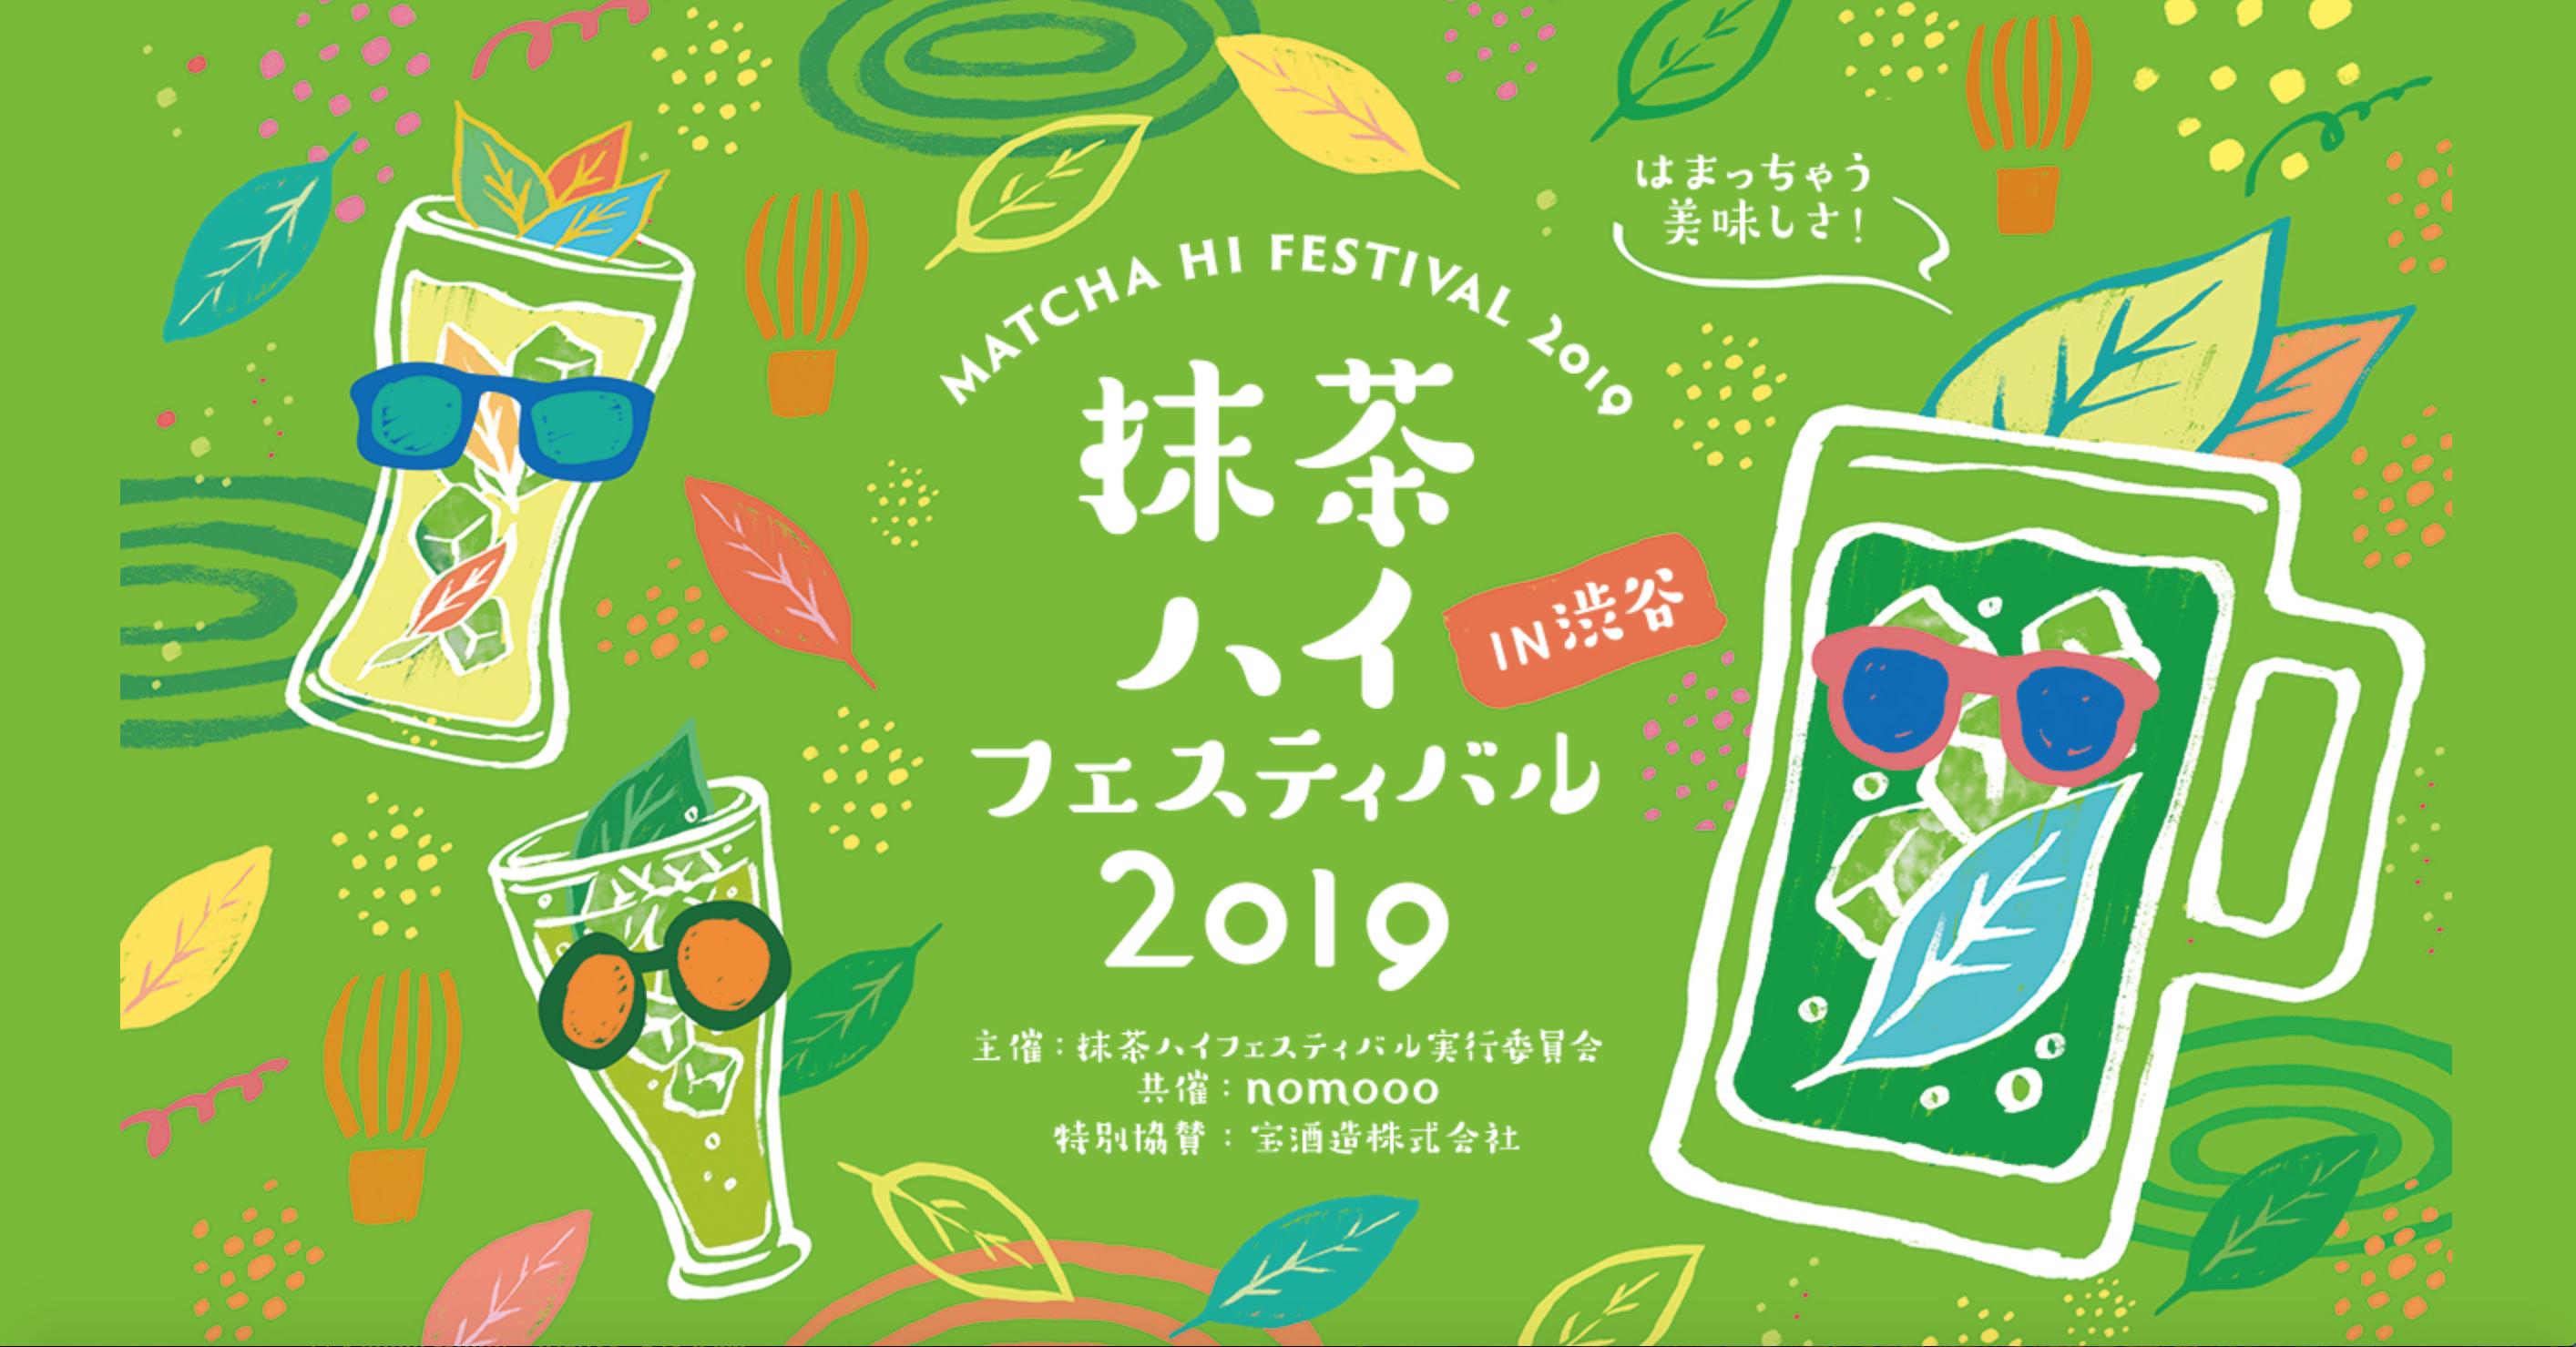 Matcha Hi Festival